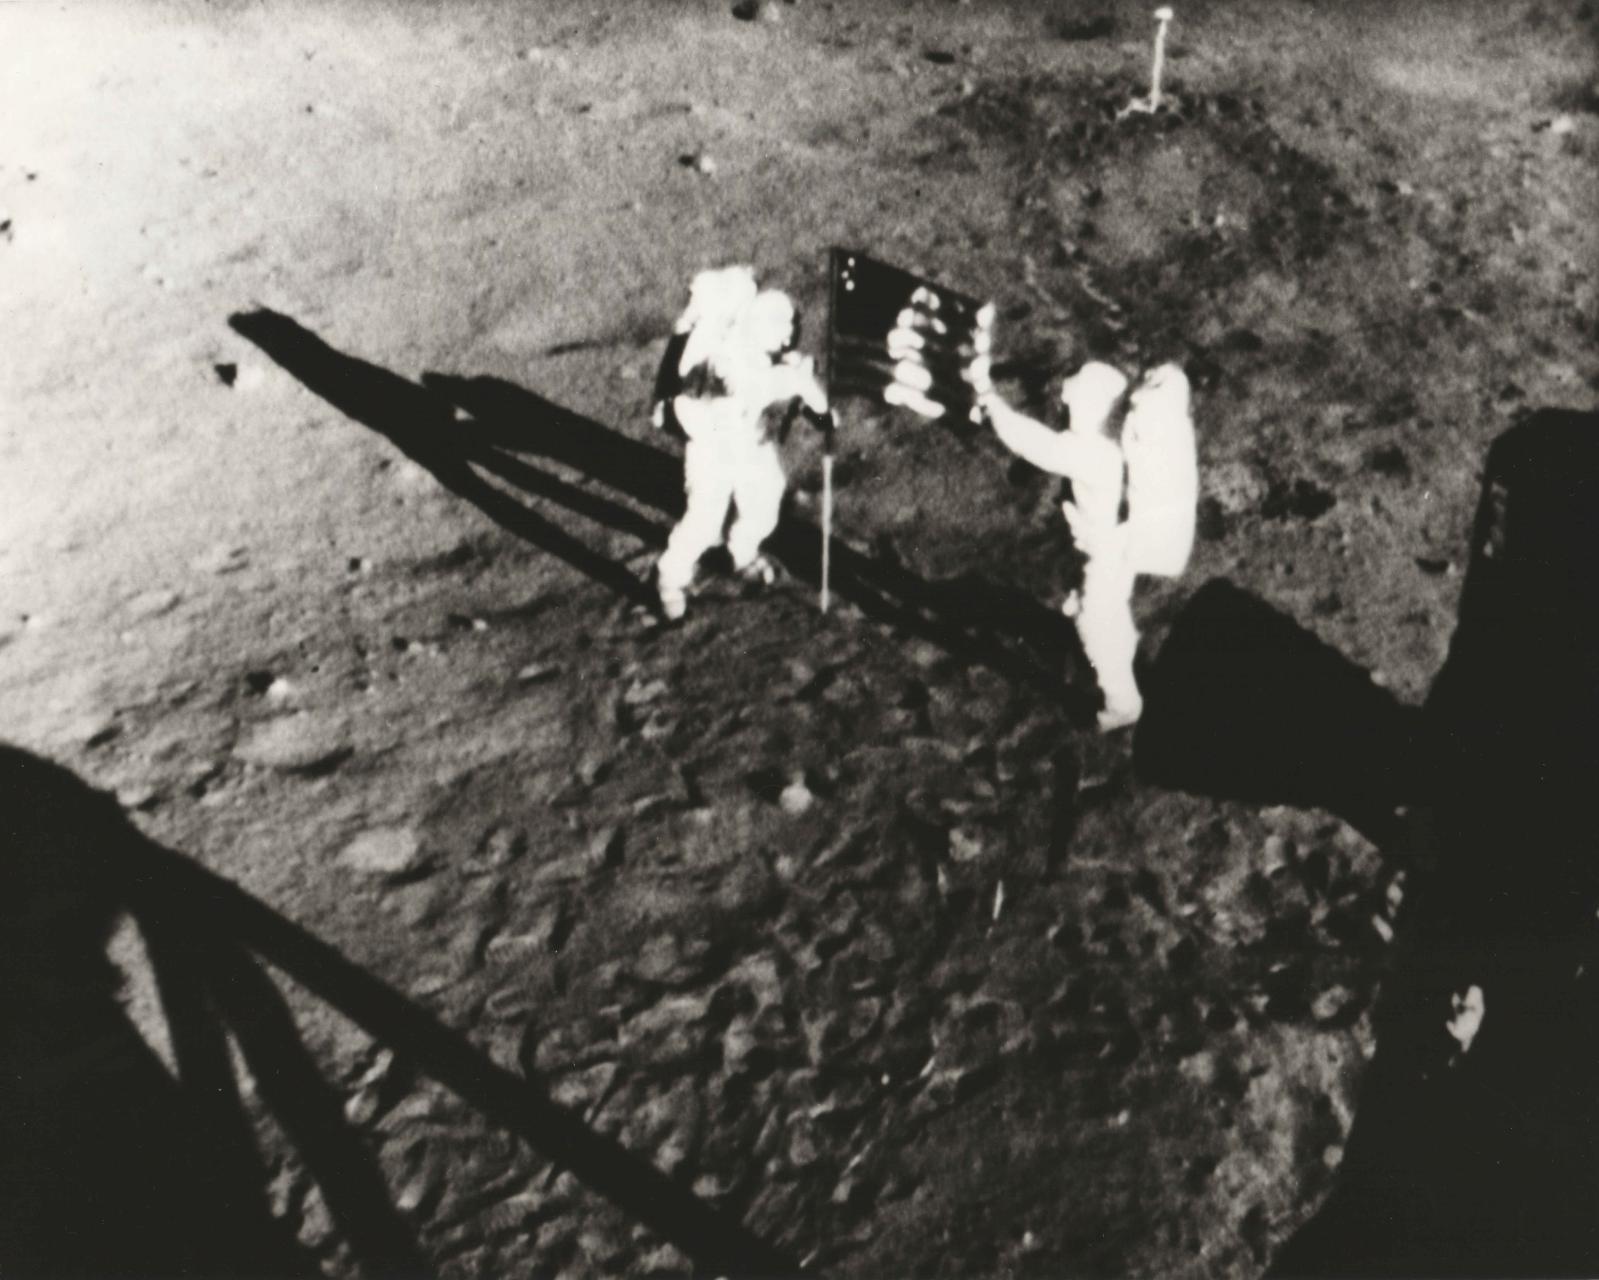 Nasa, juillet 1969, Neil Amstrong et Buzz Aldrin, tirage chromogénique postérieur, vers1976, sur papier Kodak, 24,3x19,3cm. Paris, Drouot-Richelie